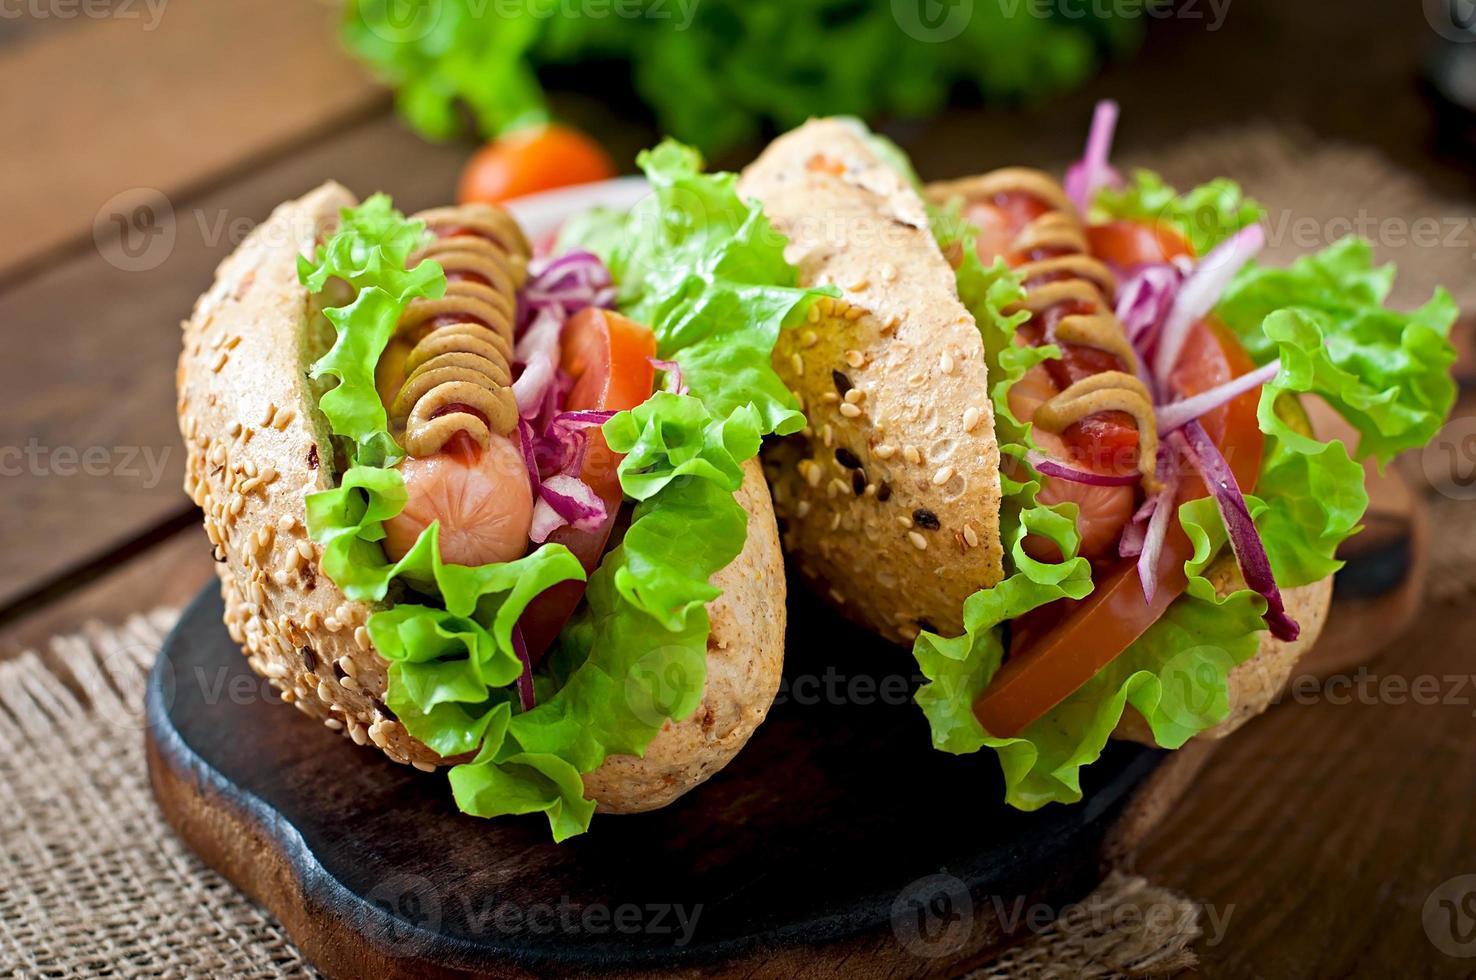 Hotdog mit Ketchup-Senf und Salat auf hölzernem Hintergrund. foto